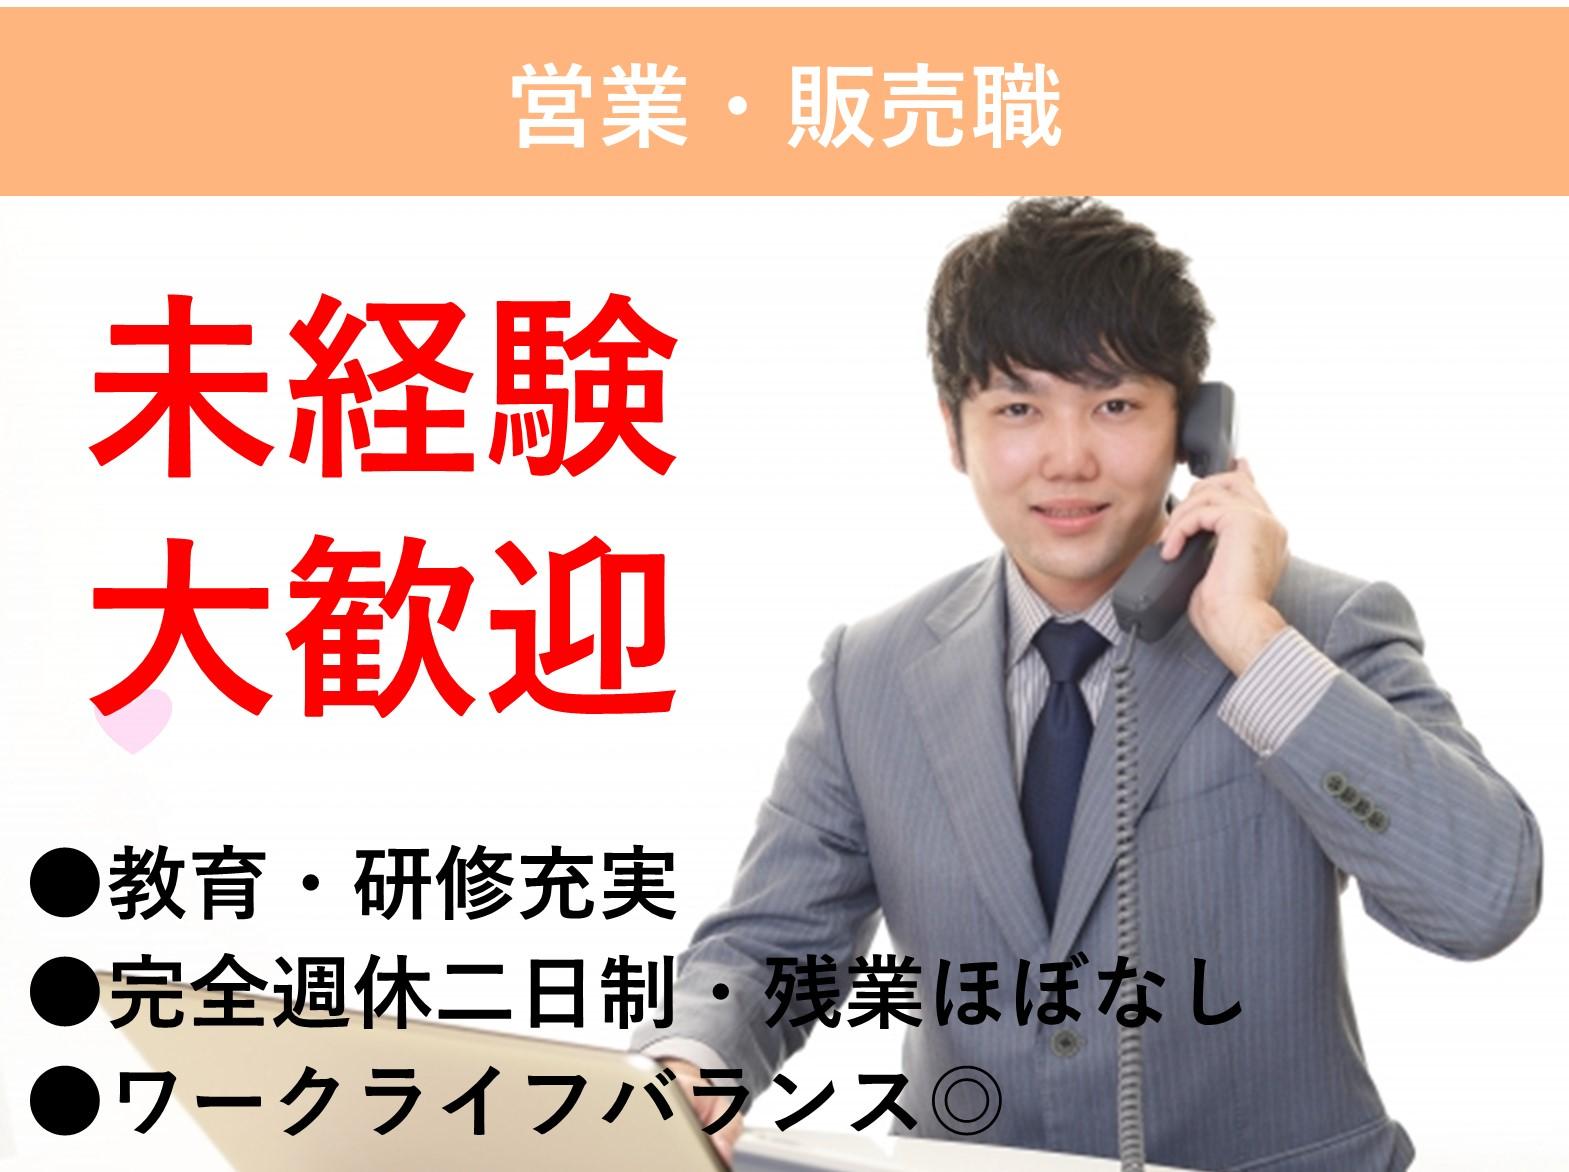 愛知県小牧市【即面談可能】未経験OK!キャリアアップ◎営業・販売職 イメージ